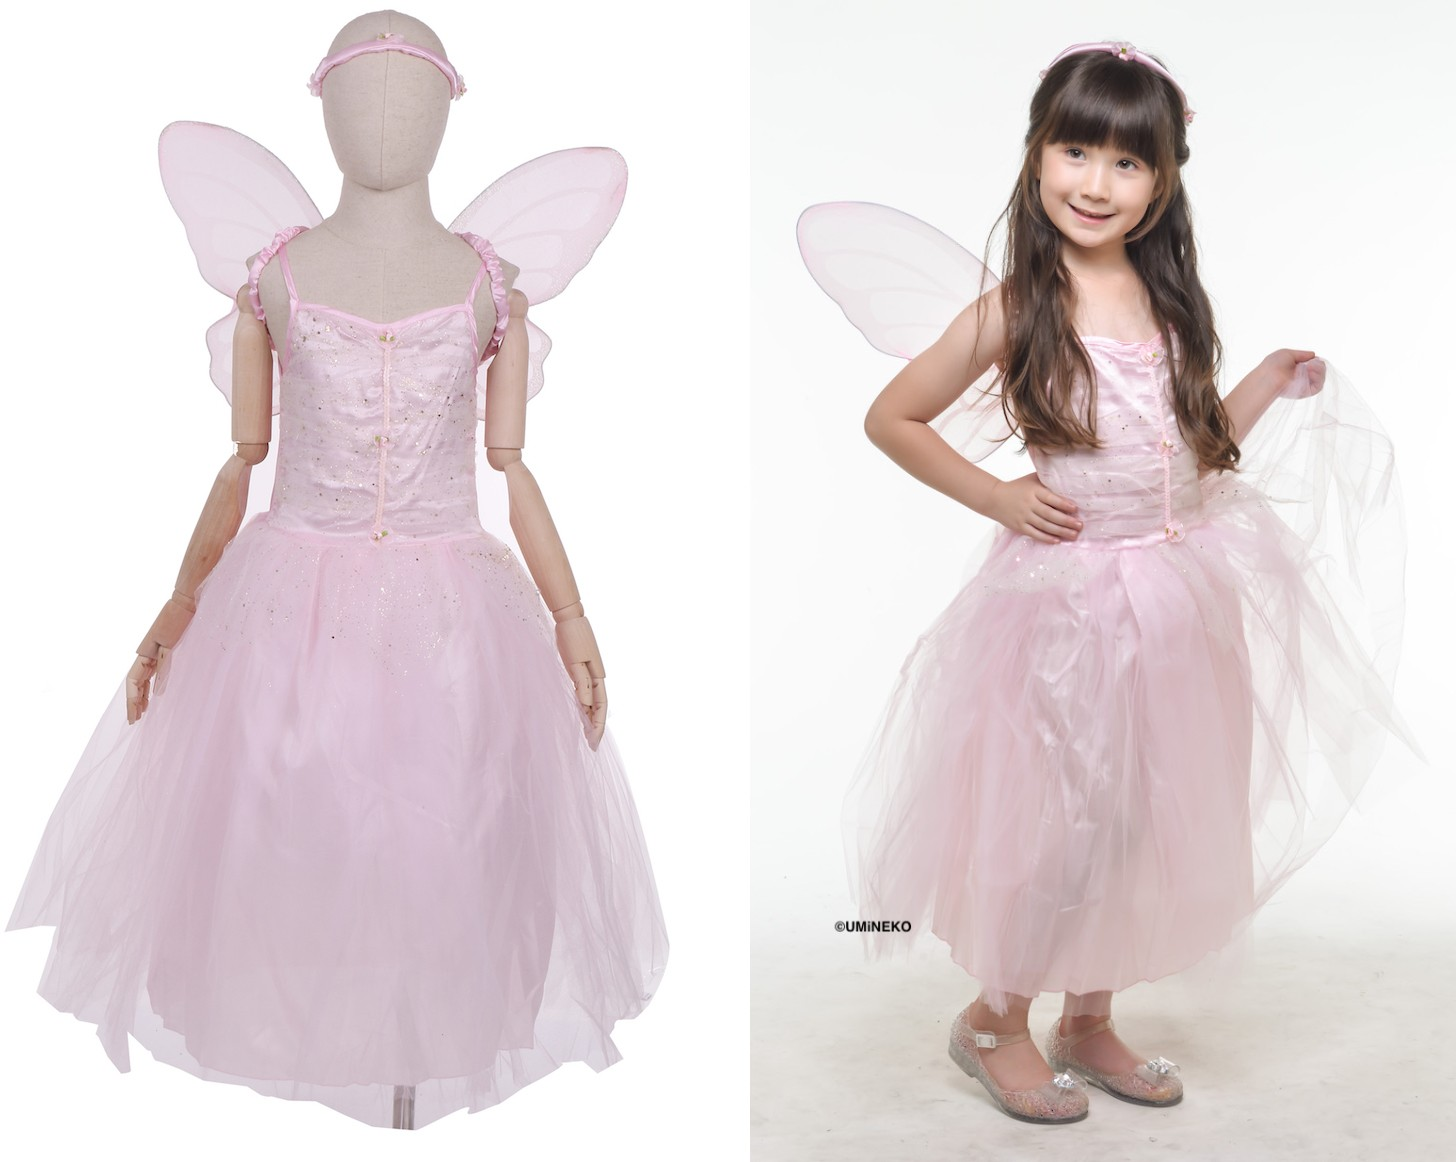 ハロウィン 衣装 コスチューム コスプレ 仮装 女の子 子ども 子供 キッズ 小学生 保育園 かわいい お手軽 フェアリー ちょうちょ 蝶 蝶々エルフ 妖精ドレス 3点セット かわいい ふんわりシルエット 90 100cm ピンク